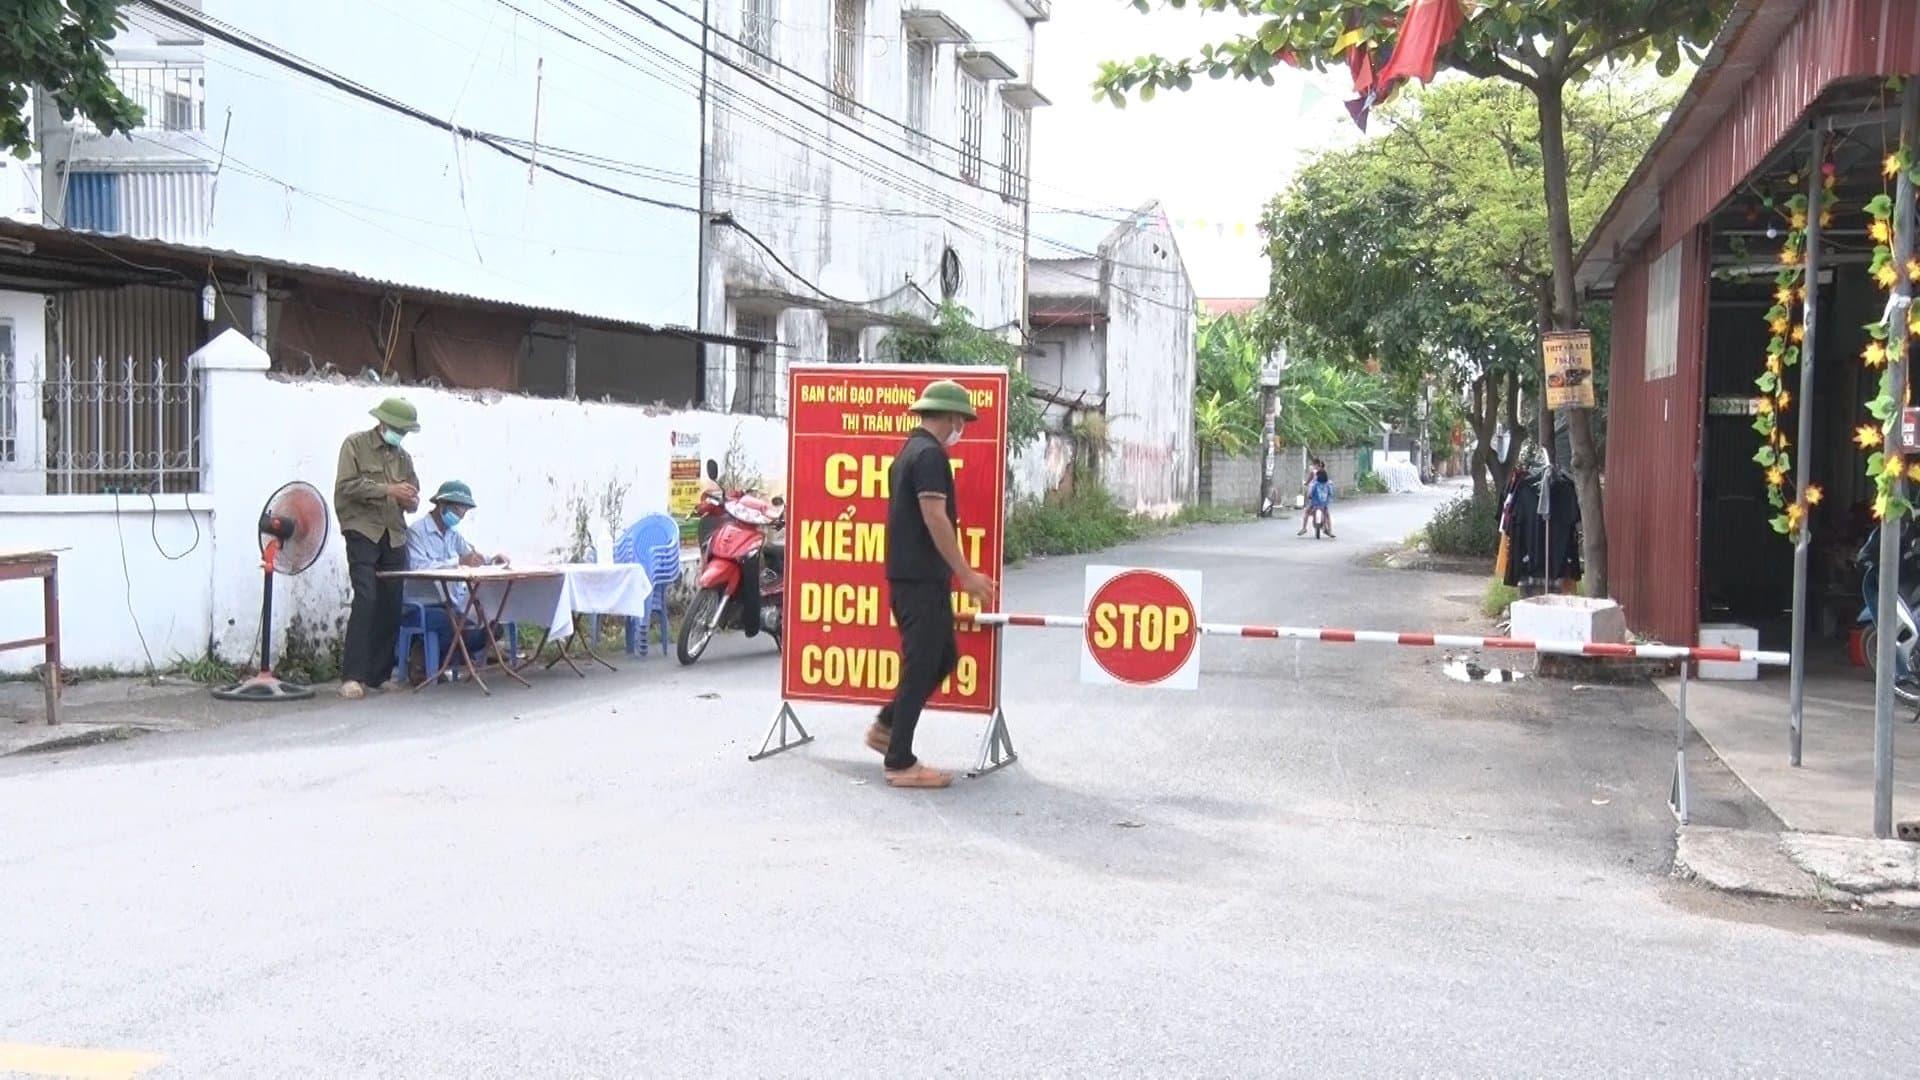 Hải Phòng khuyến cáo người dân Vĩnh Bảo ở nhà, đi chợ bằng phiếu 3 lần/tuần - 3